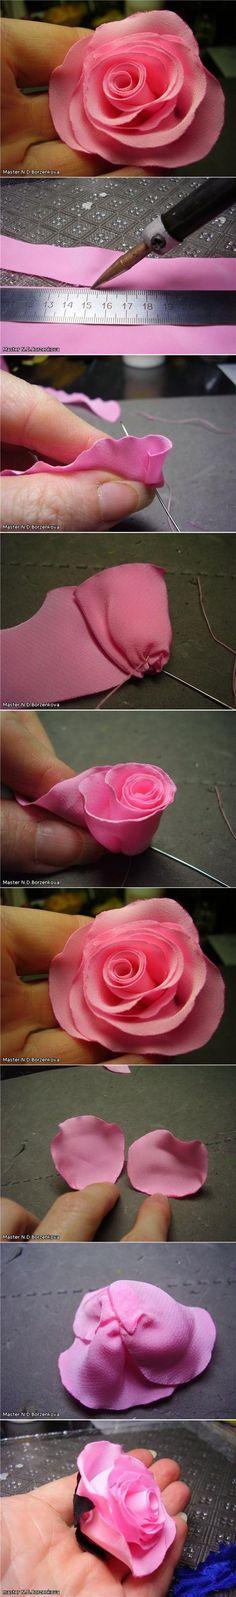 faire une rose en tissus